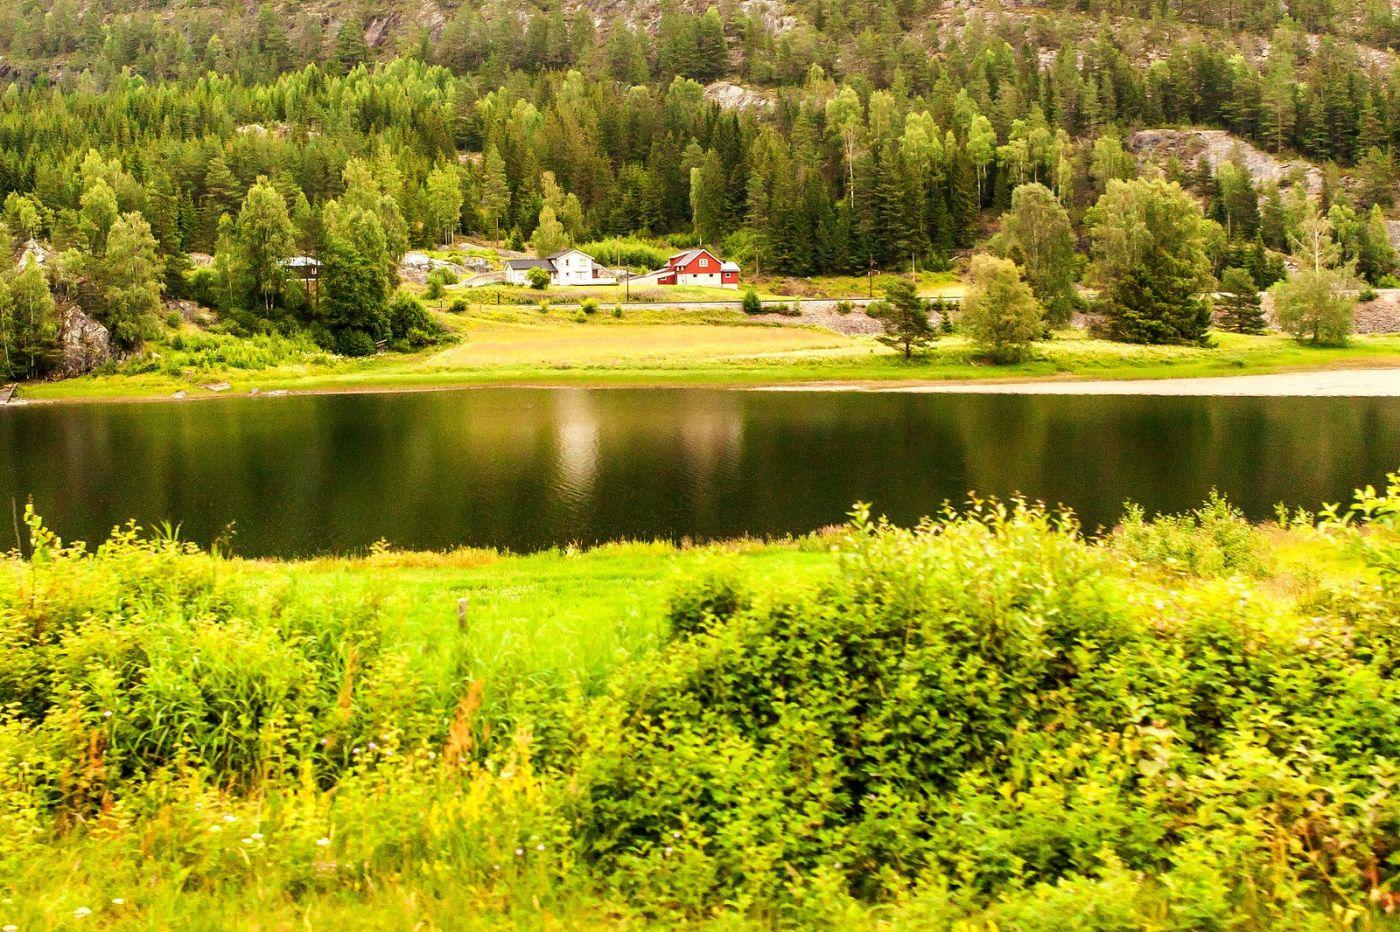 北欧风光,风景美如画_图1-10